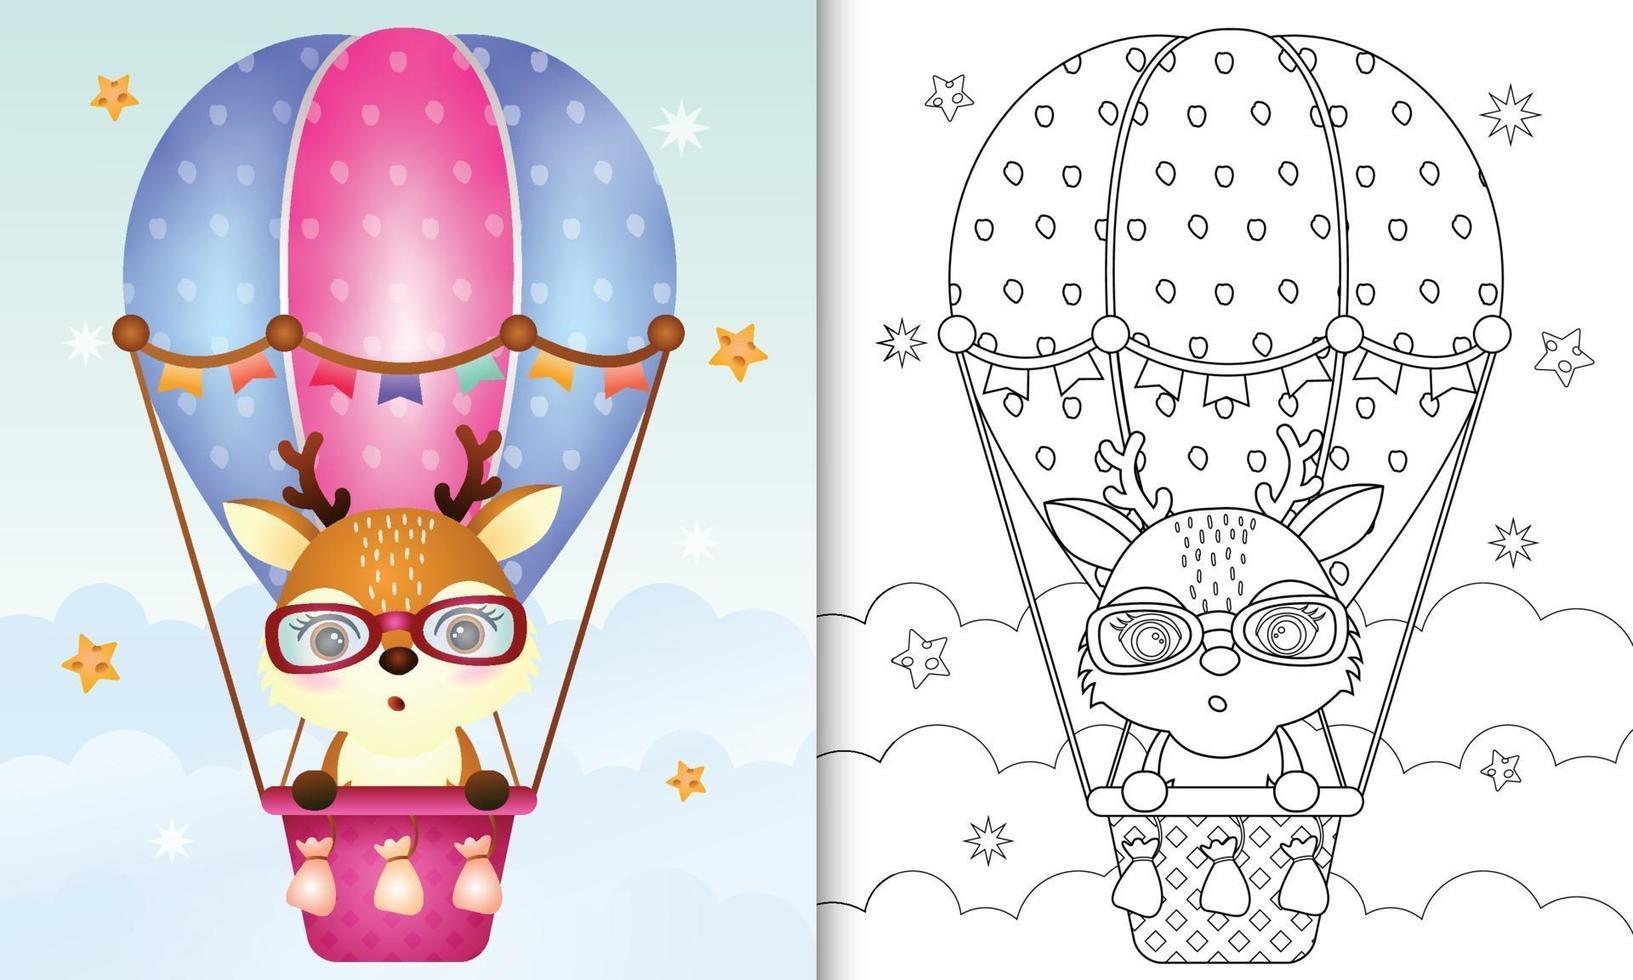 modèle de livre de coloriage pour les enfants avec un cerf mignon sur ballon à air chaud vecteur